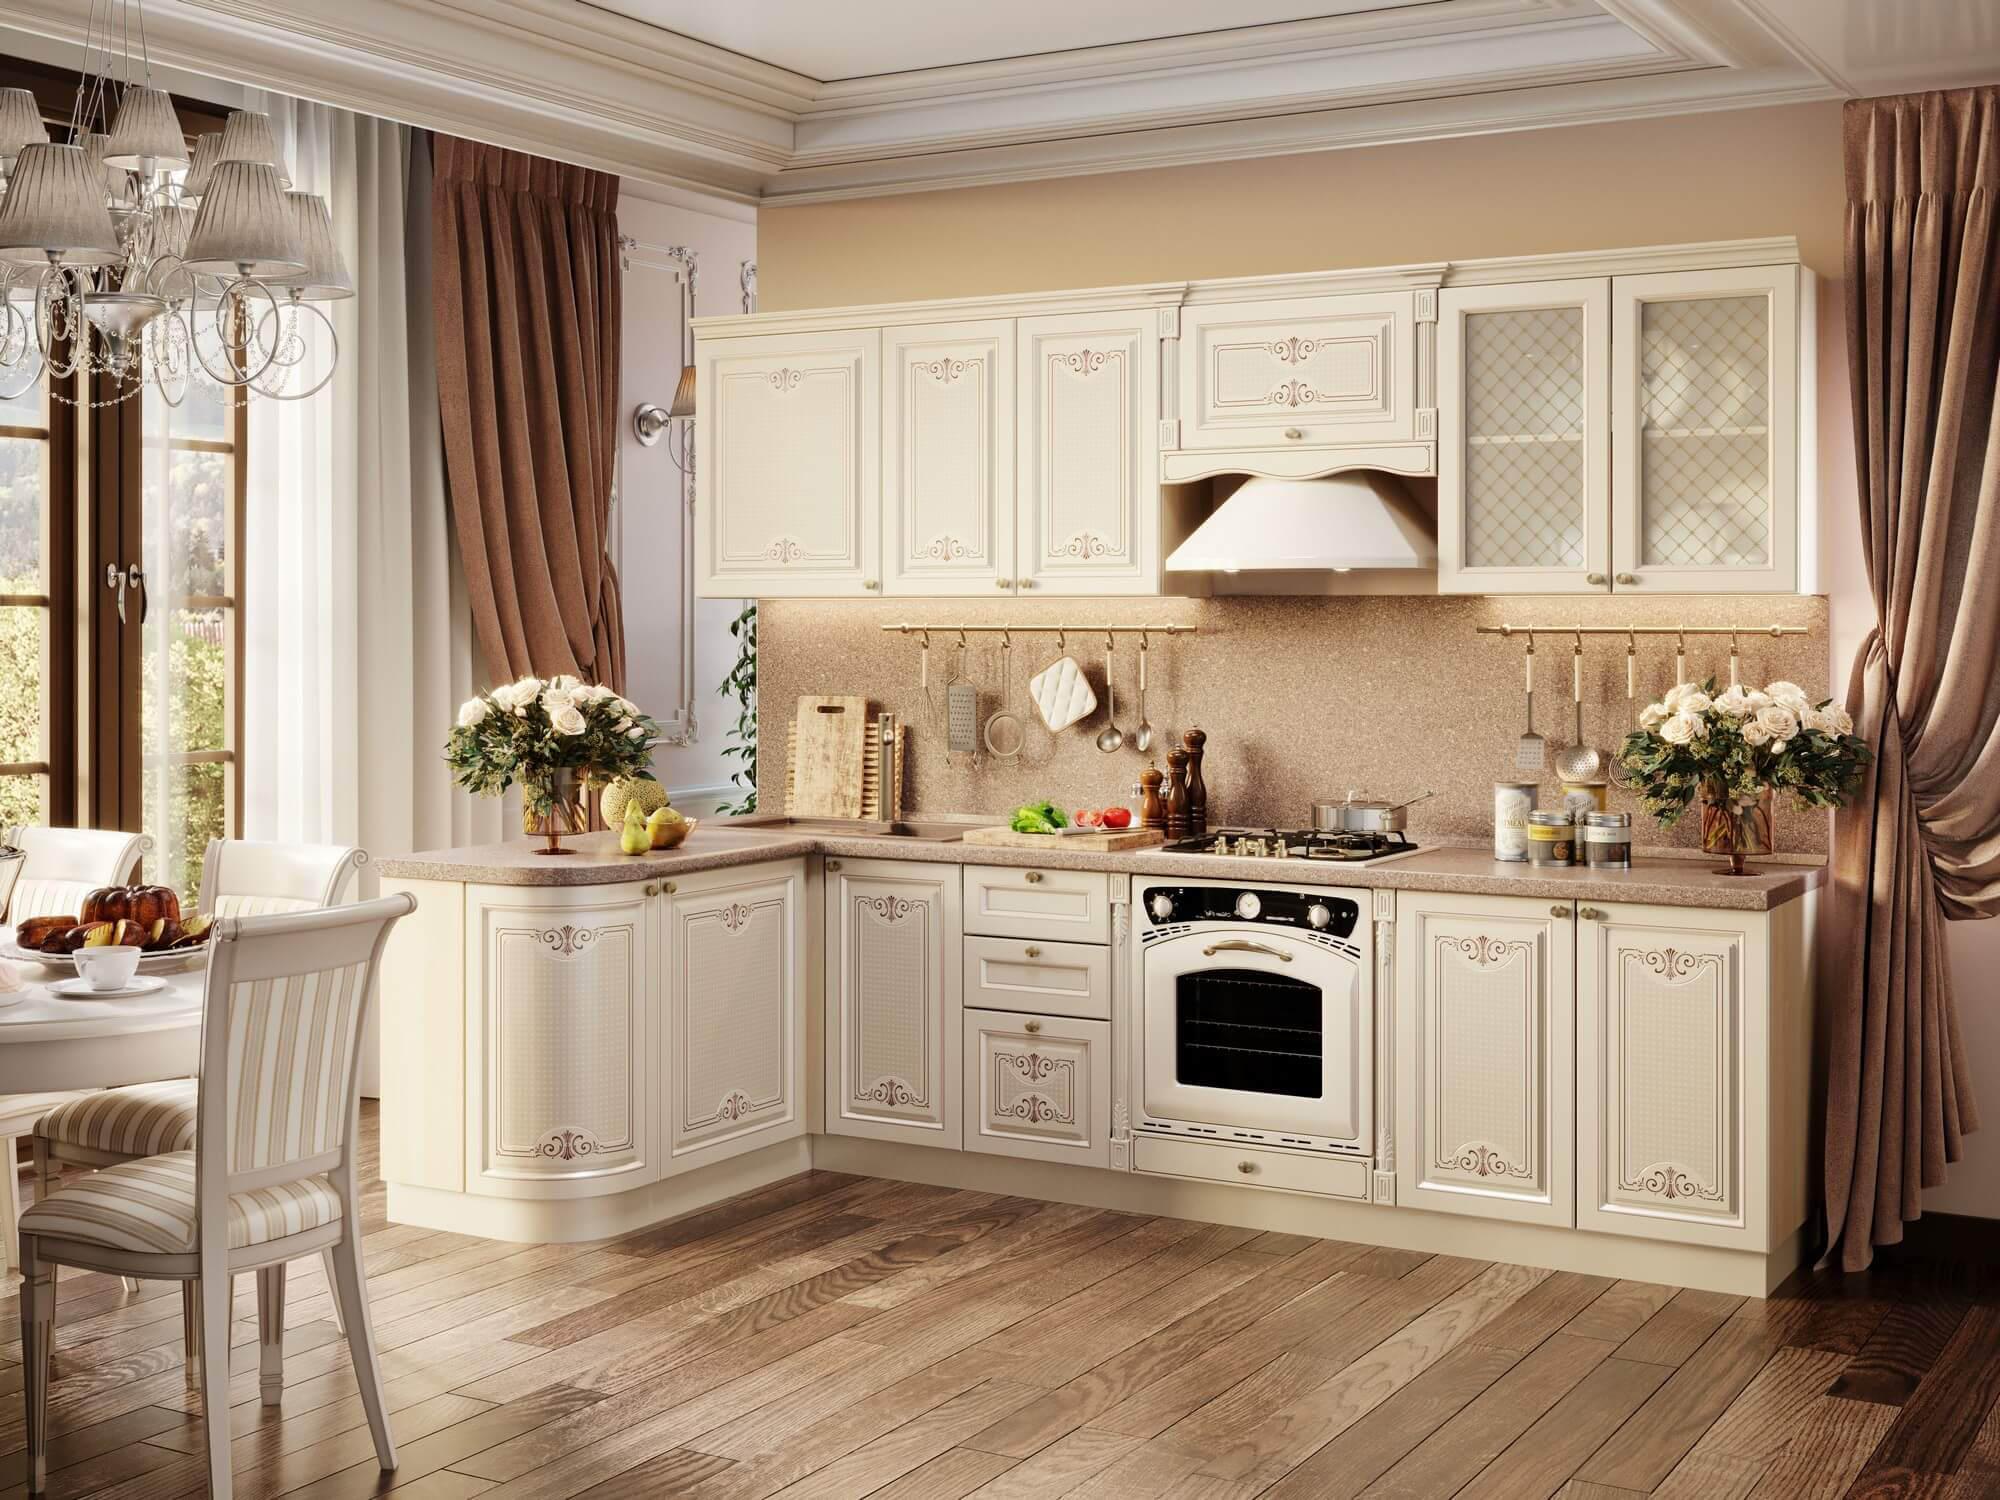 Модульная кухня Ассоль (Жемчуг/Клен Канадский) купить в Москве в интернет-магазине Любимый дом